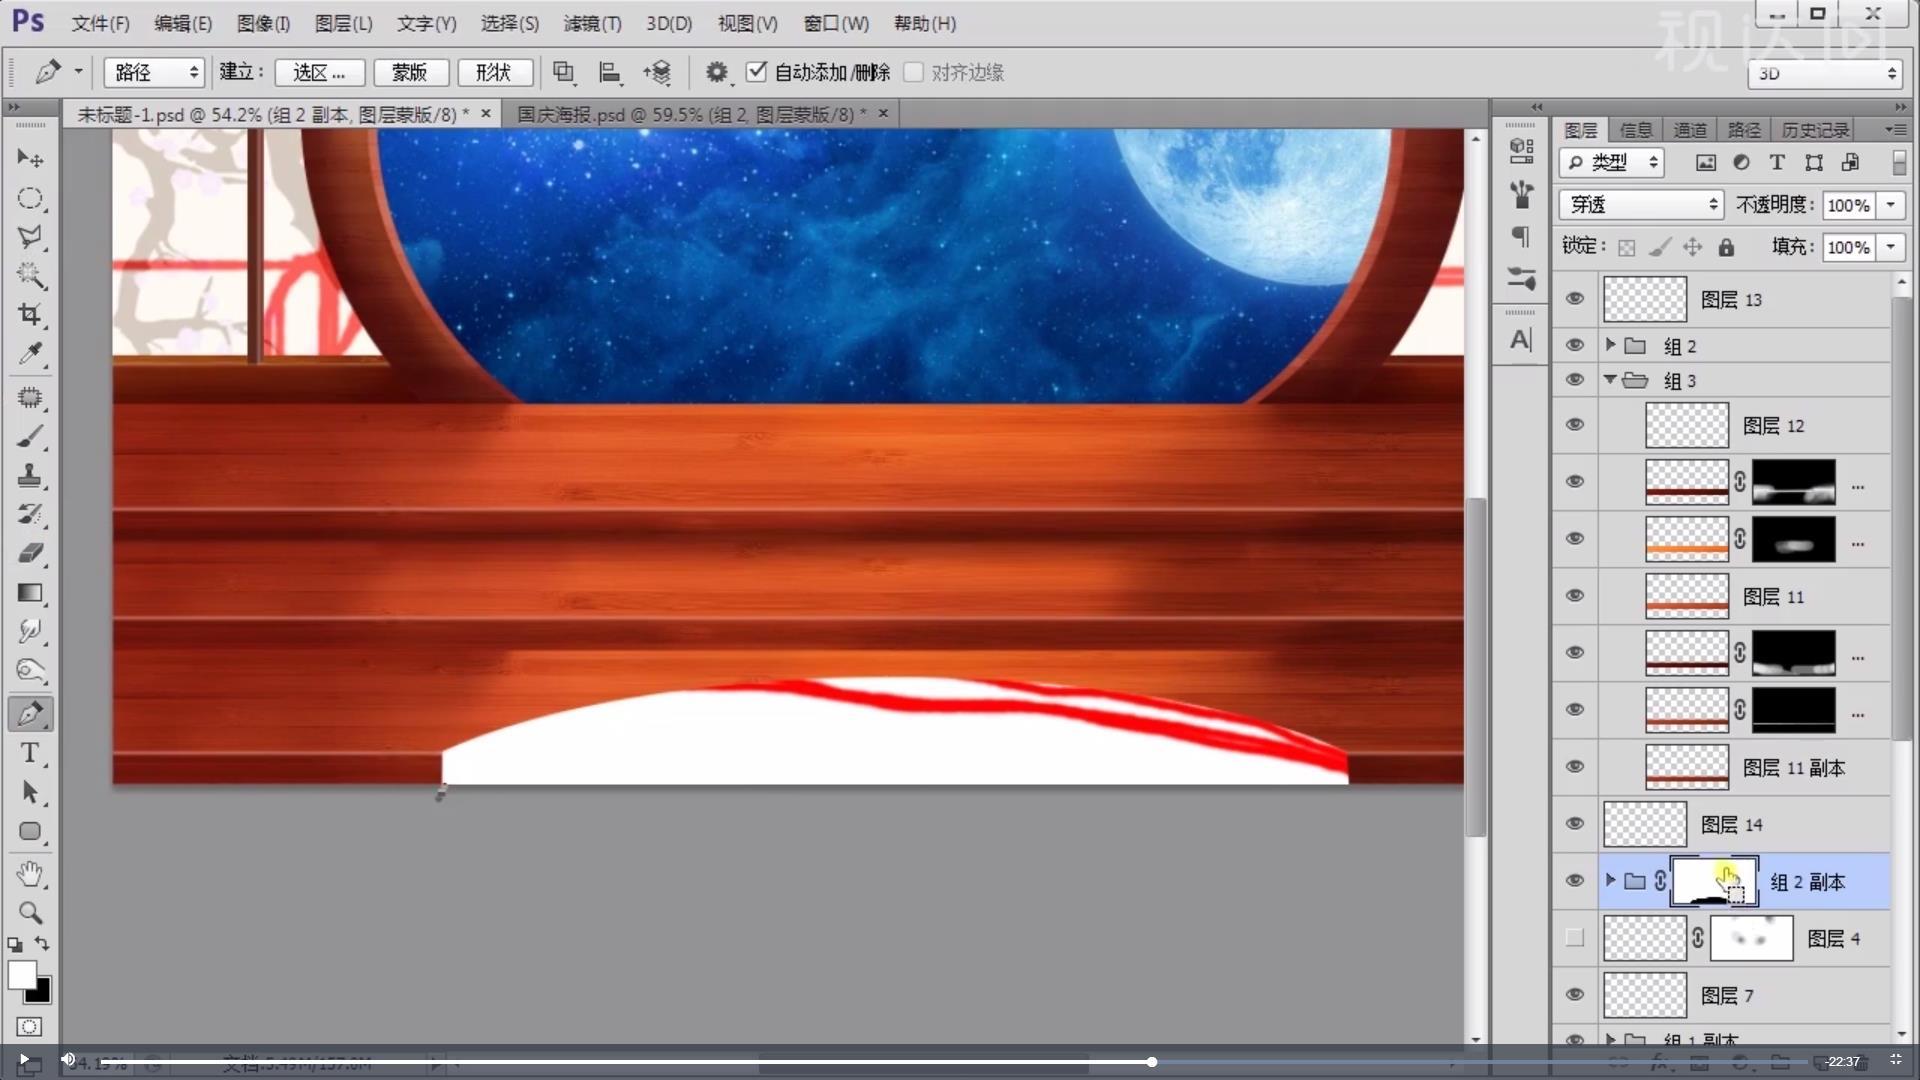 11.给最下层添加蒙版,用椭圆选区删除多余部分;载入图层选区,反向,向下移动,再次反向,填充颜色,把多余的部分删除;.jpg